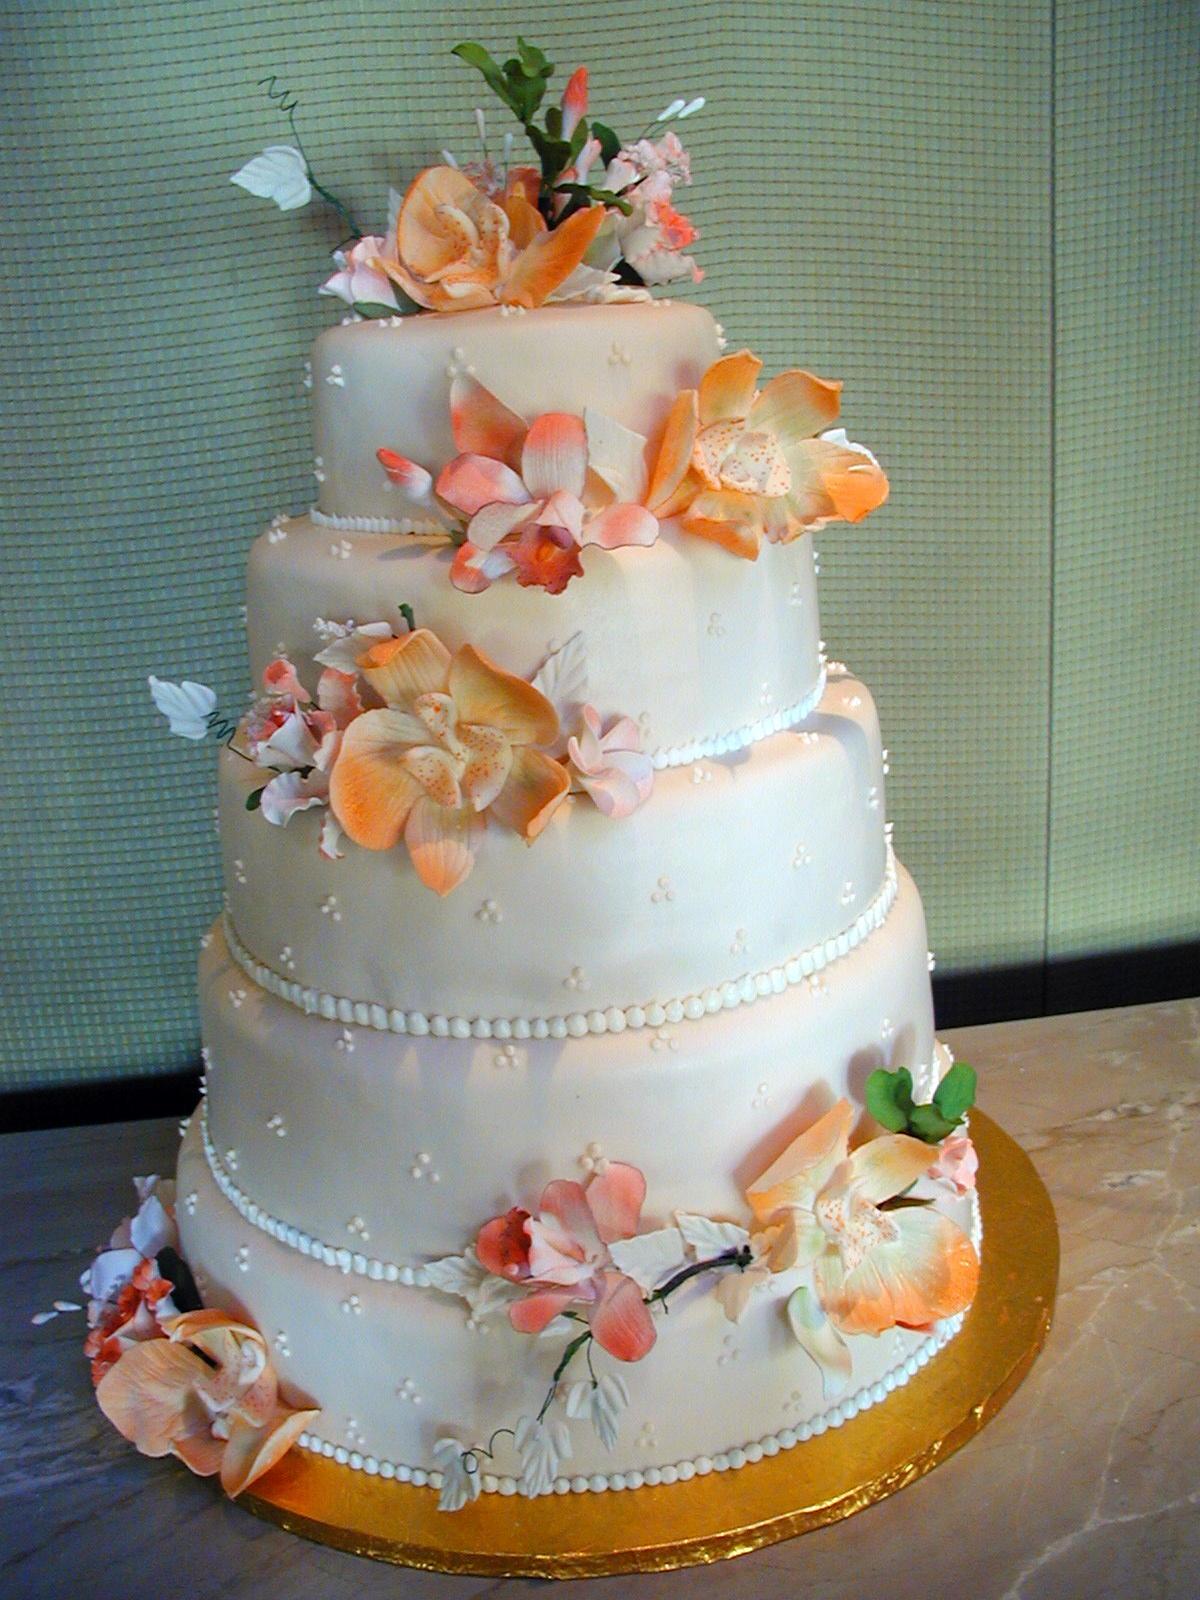 Cakes, orange, cake, La promenade